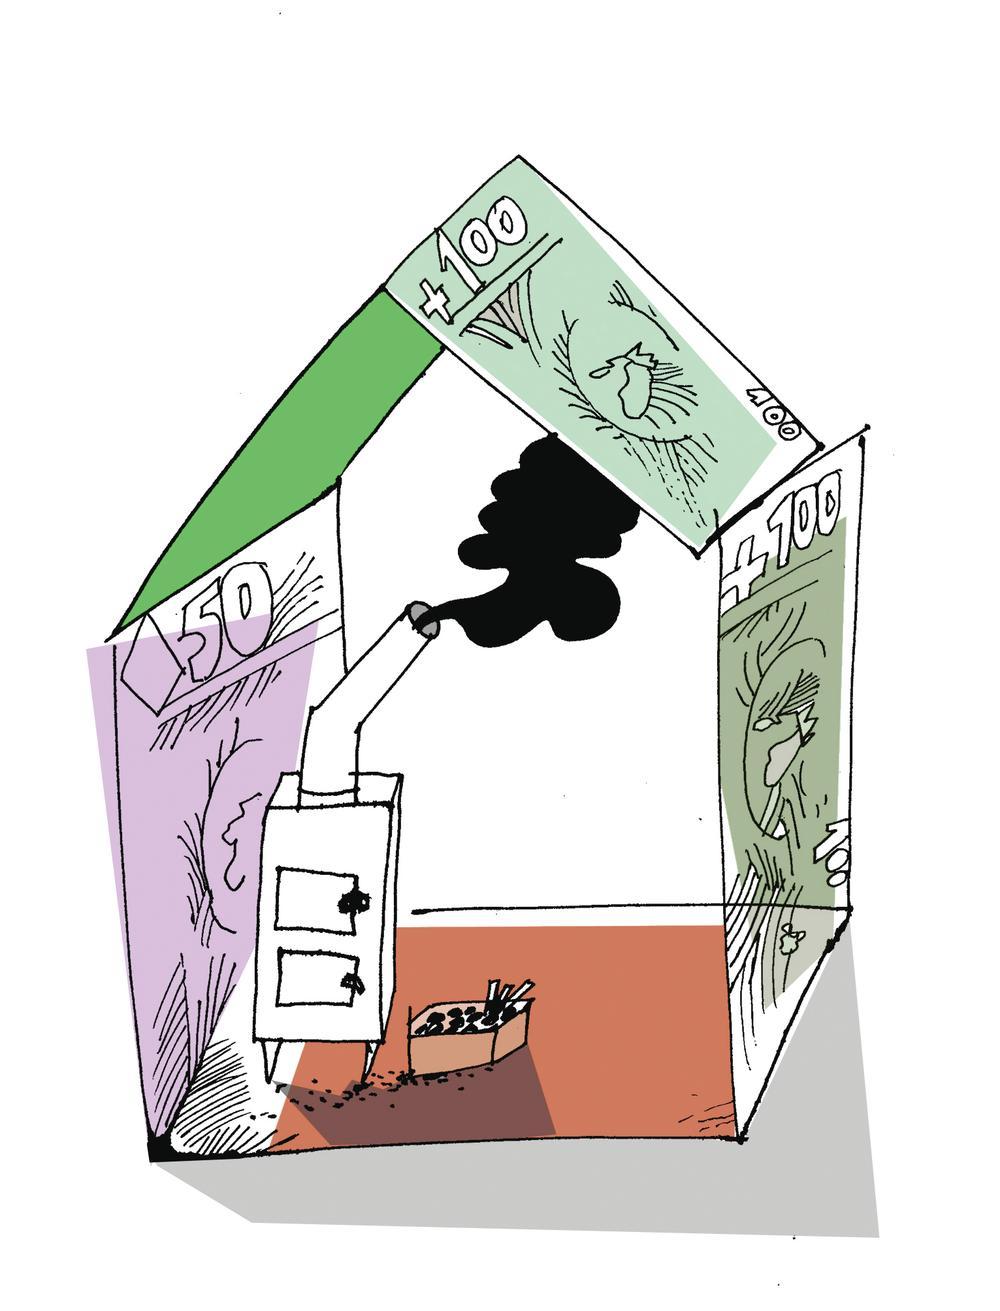 Nowe zasady dofinansowania termomodernizacji.jpeg